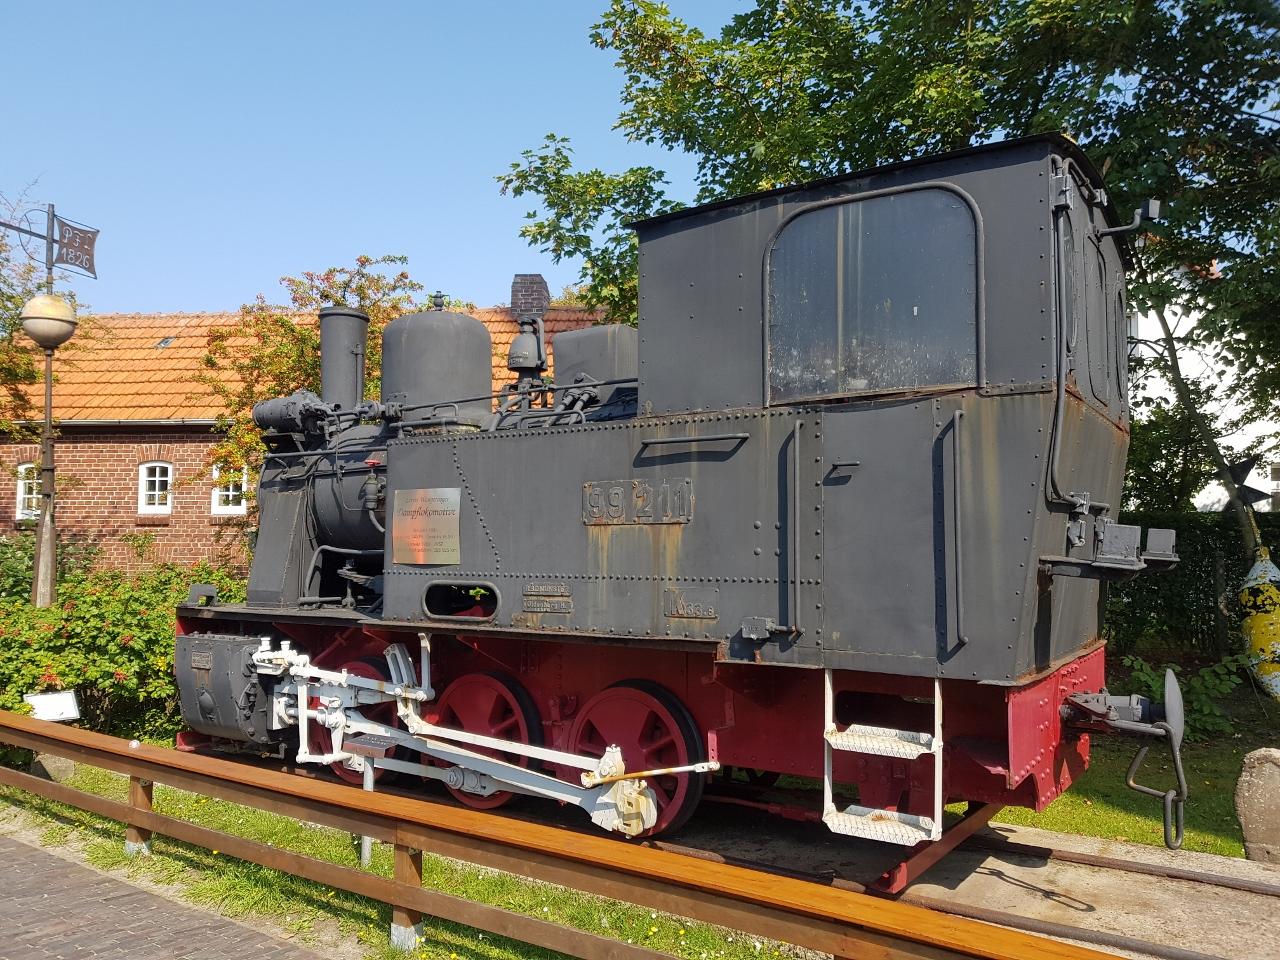 Wangerooge Dampflock